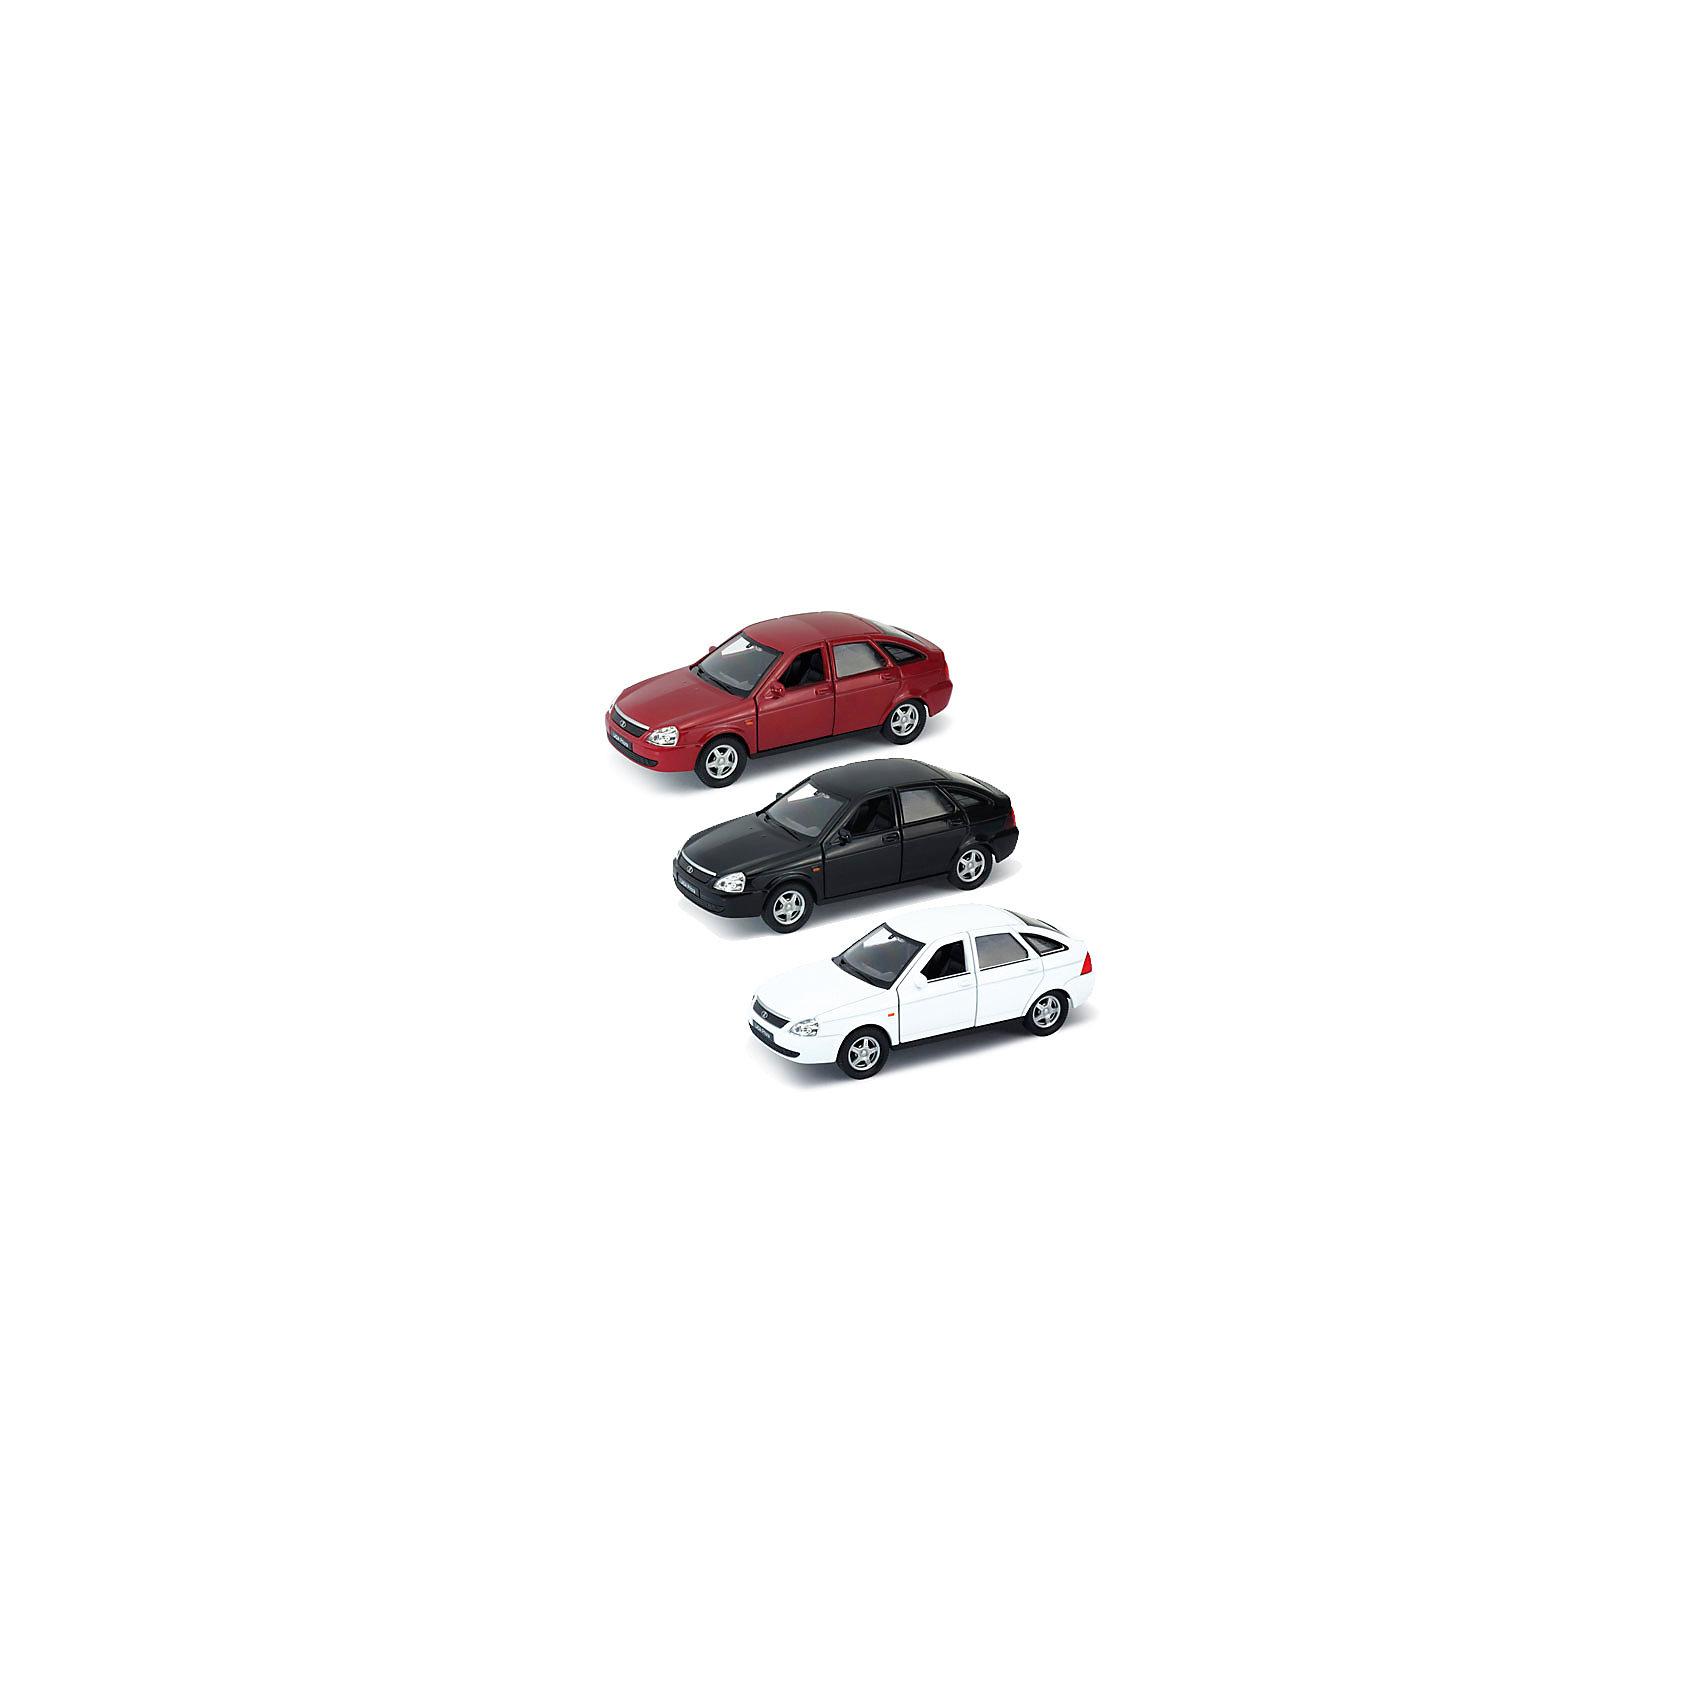 Модель машины  1:34-39 LADA PRIORA, красная, WellyХарактеристики:<br><br>• тип автомобиля: легковая машинка;<br>• открываются двери;<br>• прорезиненные колеса;<br>• инерционный механизм;<br>• масштаб: 1:34-39;<br>• материал: металл, пластик, резина;<br>• размер упаковки: 15х11х6 см<br><br>Инерционная машинка Lada Priora с открывающимися дверьми, инерционным механизмом и прорезиненными колесами. Чтобы запустить машинку, необходимо слегка потянуть машинку назад и отпустить. <br><br>Модель машины 1:34-39 LADA PRIORA, красная, Welly можно купить в нашем магазине.<br><br>Ширина мм: 60<br>Глубина мм: 115<br>Высота мм: 145<br>Вес г: 161<br>Возраст от месяцев: 36<br>Возраст до месяцев: 2147483647<br>Пол: Мужской<br>Возраст: Детский<br>SKU: 5255016